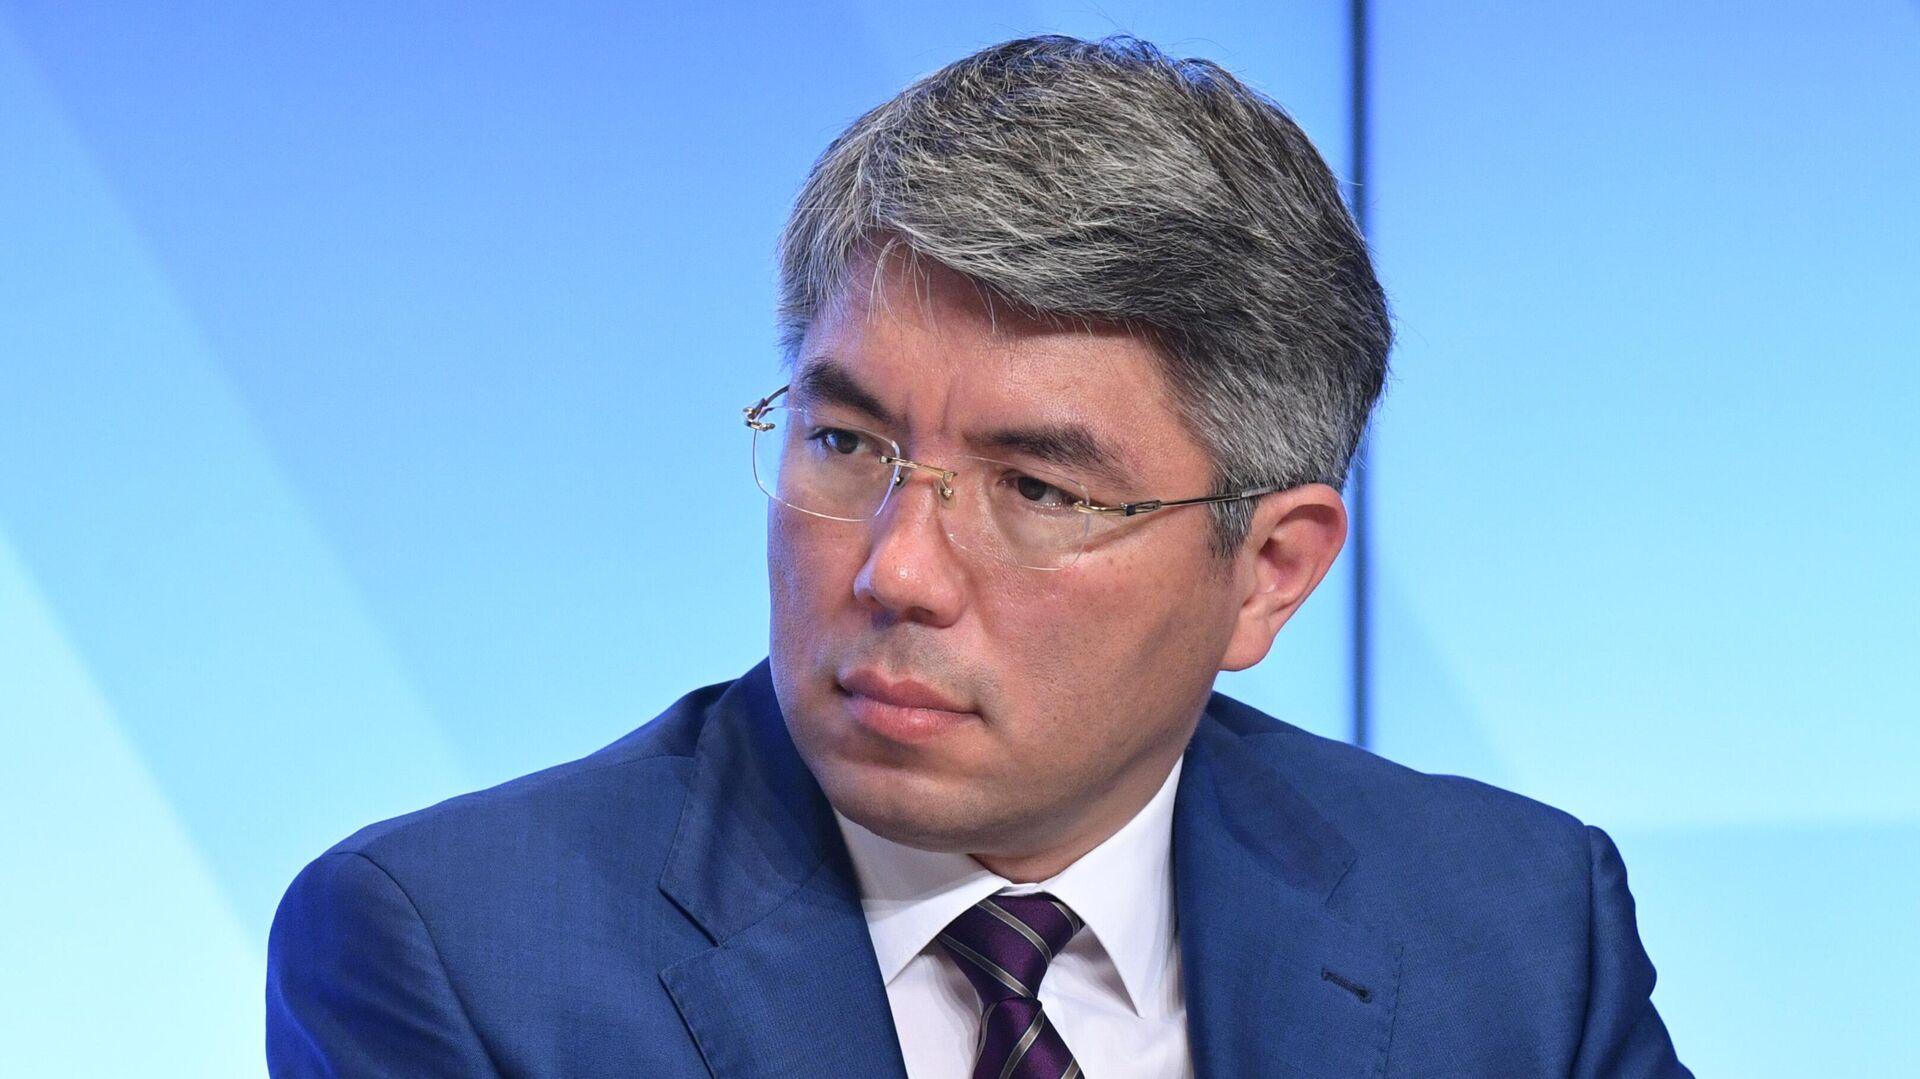 Глава Бурятии попросил Путина обсудить в Госсовете развитие транспорта